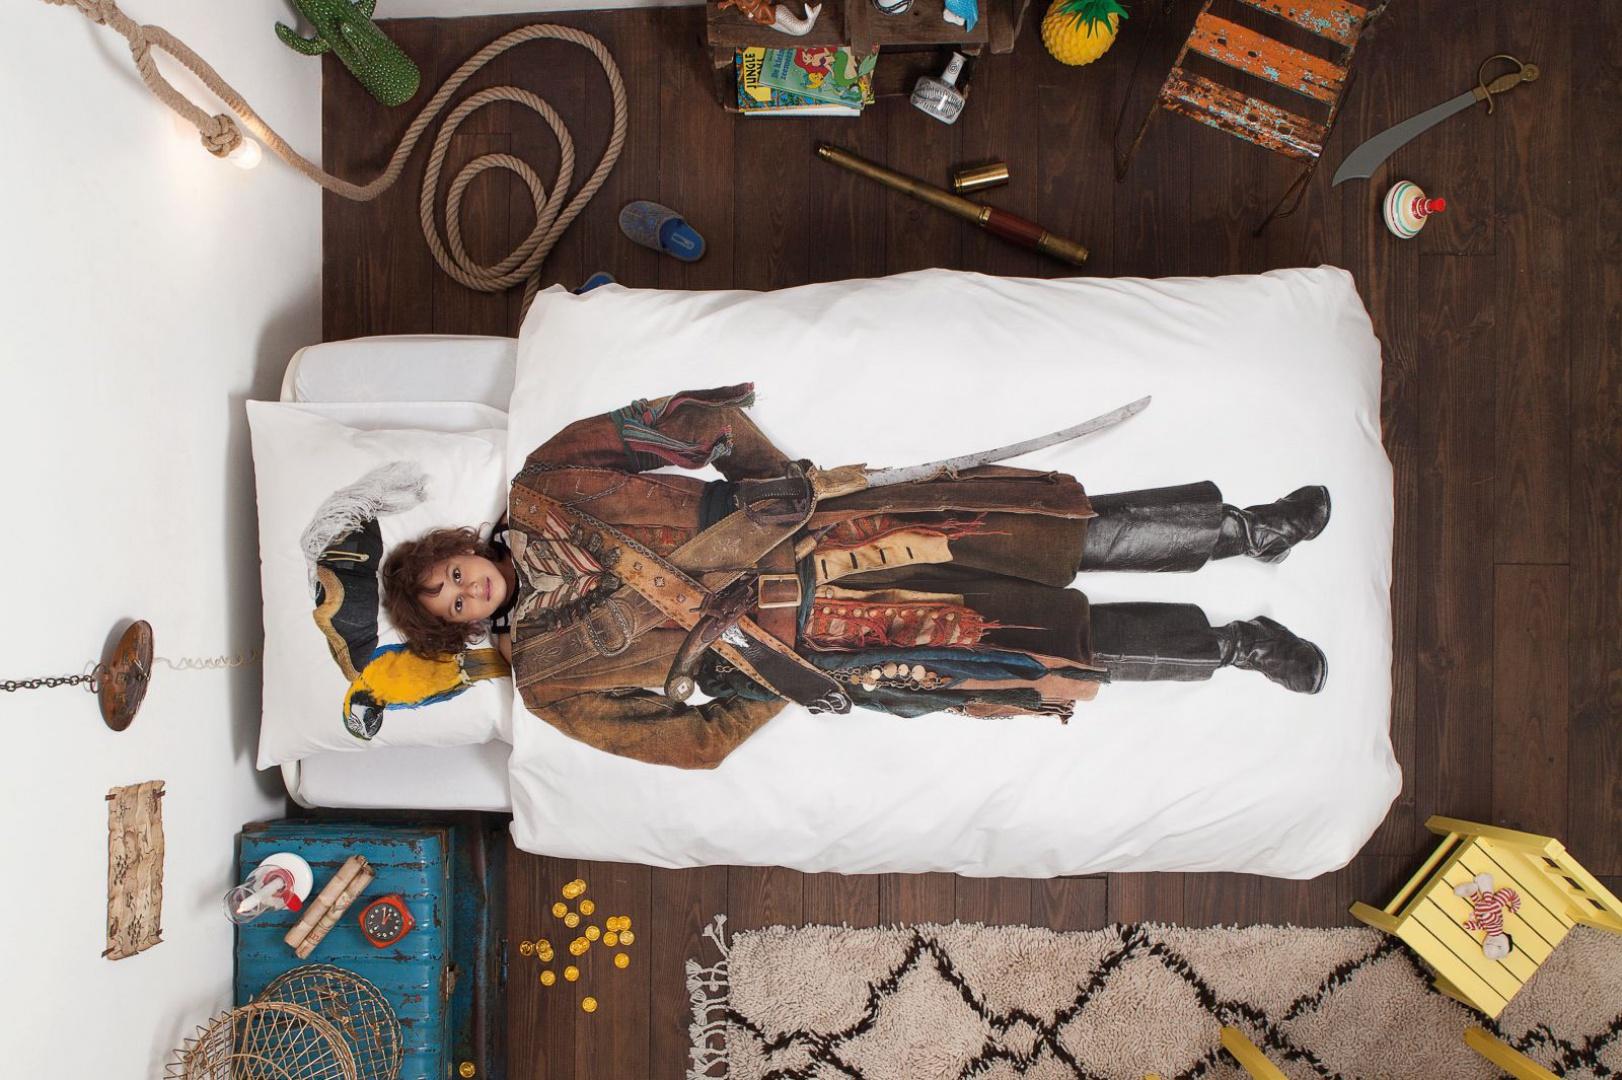 W takiej pościeli nawet najgrzeczniejszy, słodko śpiący chłopiec wygląda jak groźny pirat z filmu przygodowego. Prawda, że interesująca? Fot. Design 3000.